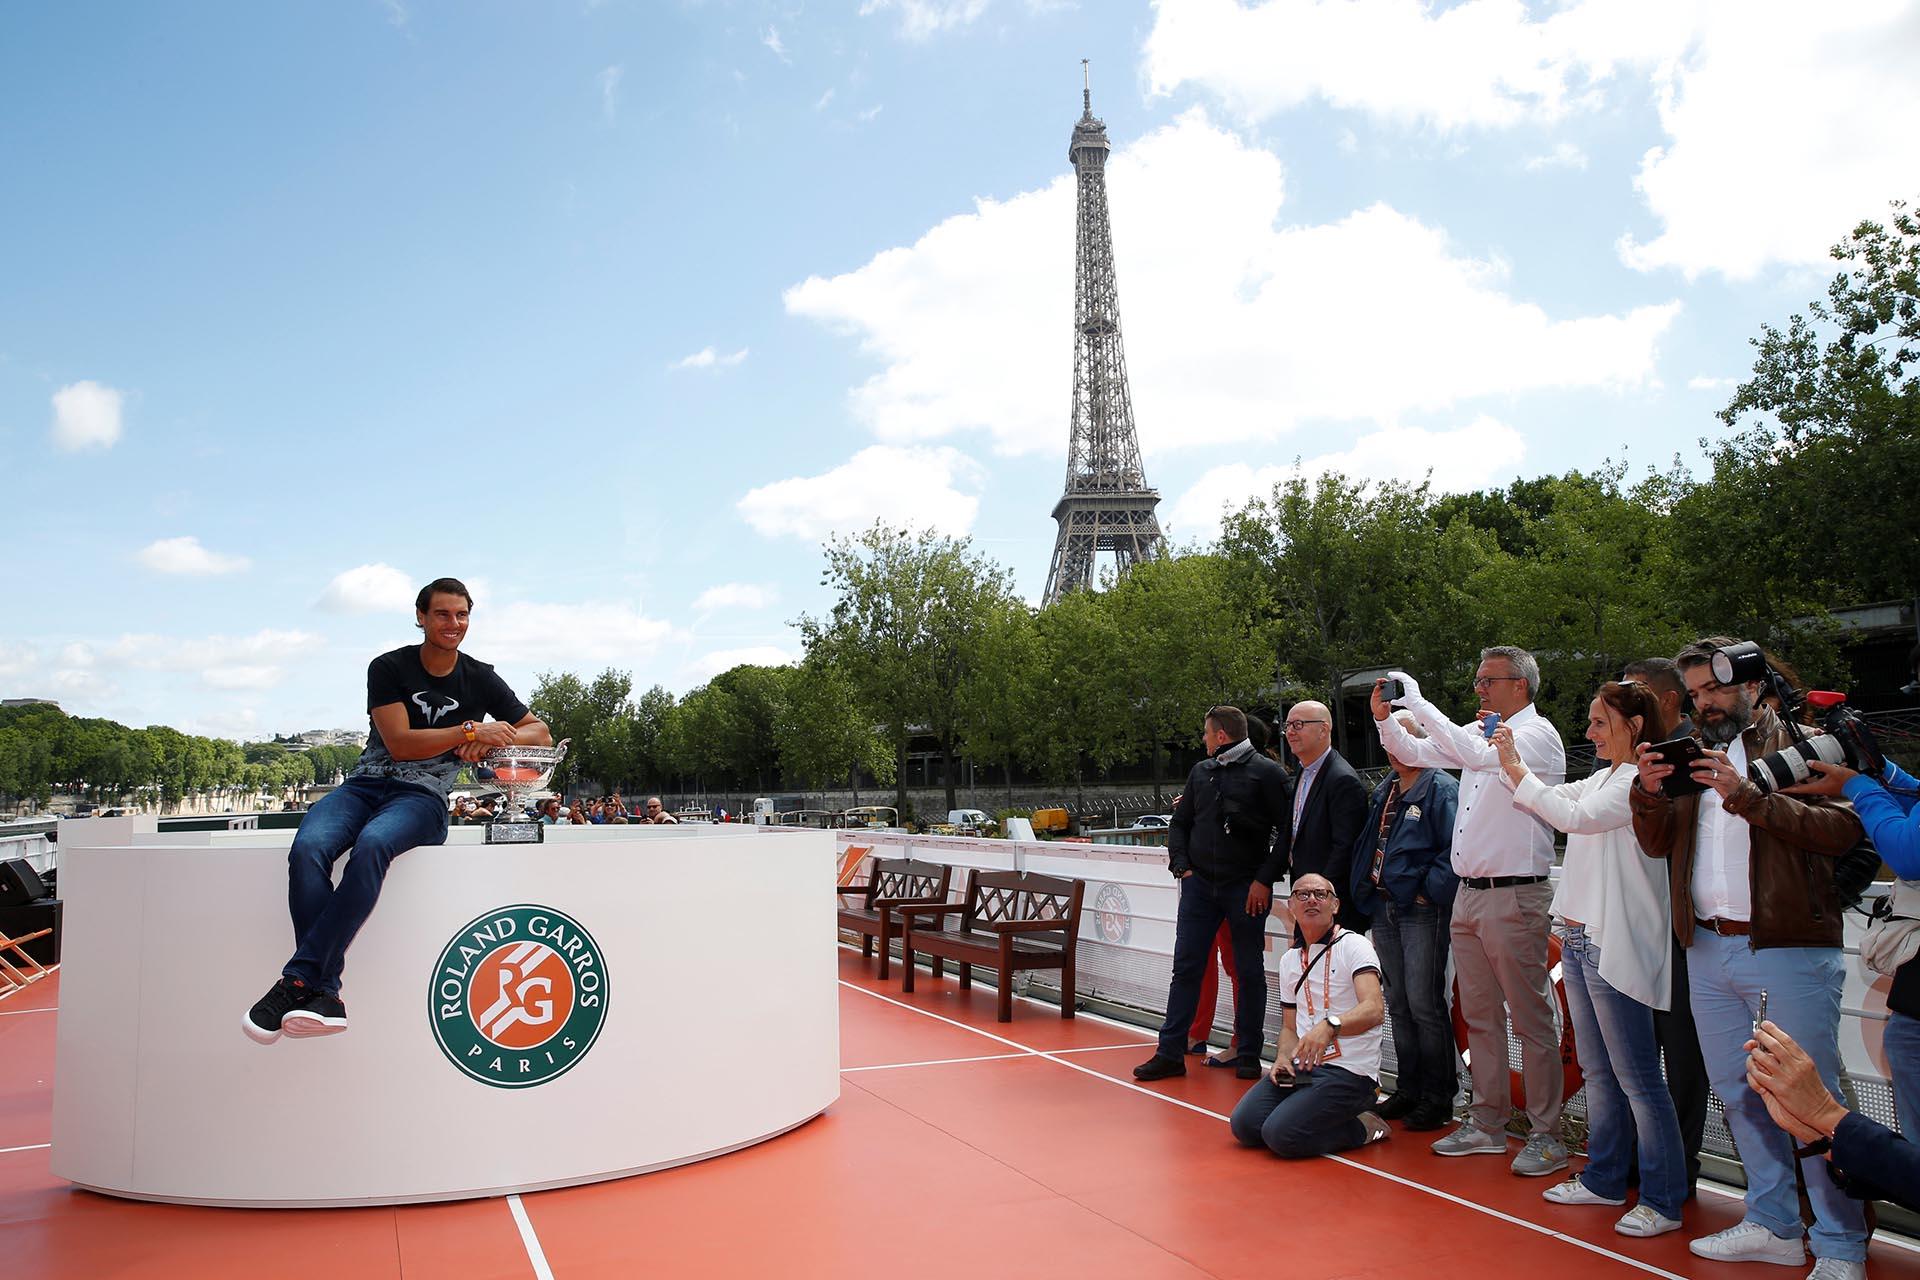 Rafael Nadal posó junto al trofeo de Roland Garros este lunes cerca de la Torre Eiffel, luego de obtener la décima corona al vencer a Stanislas Wawrinka (Reuters)